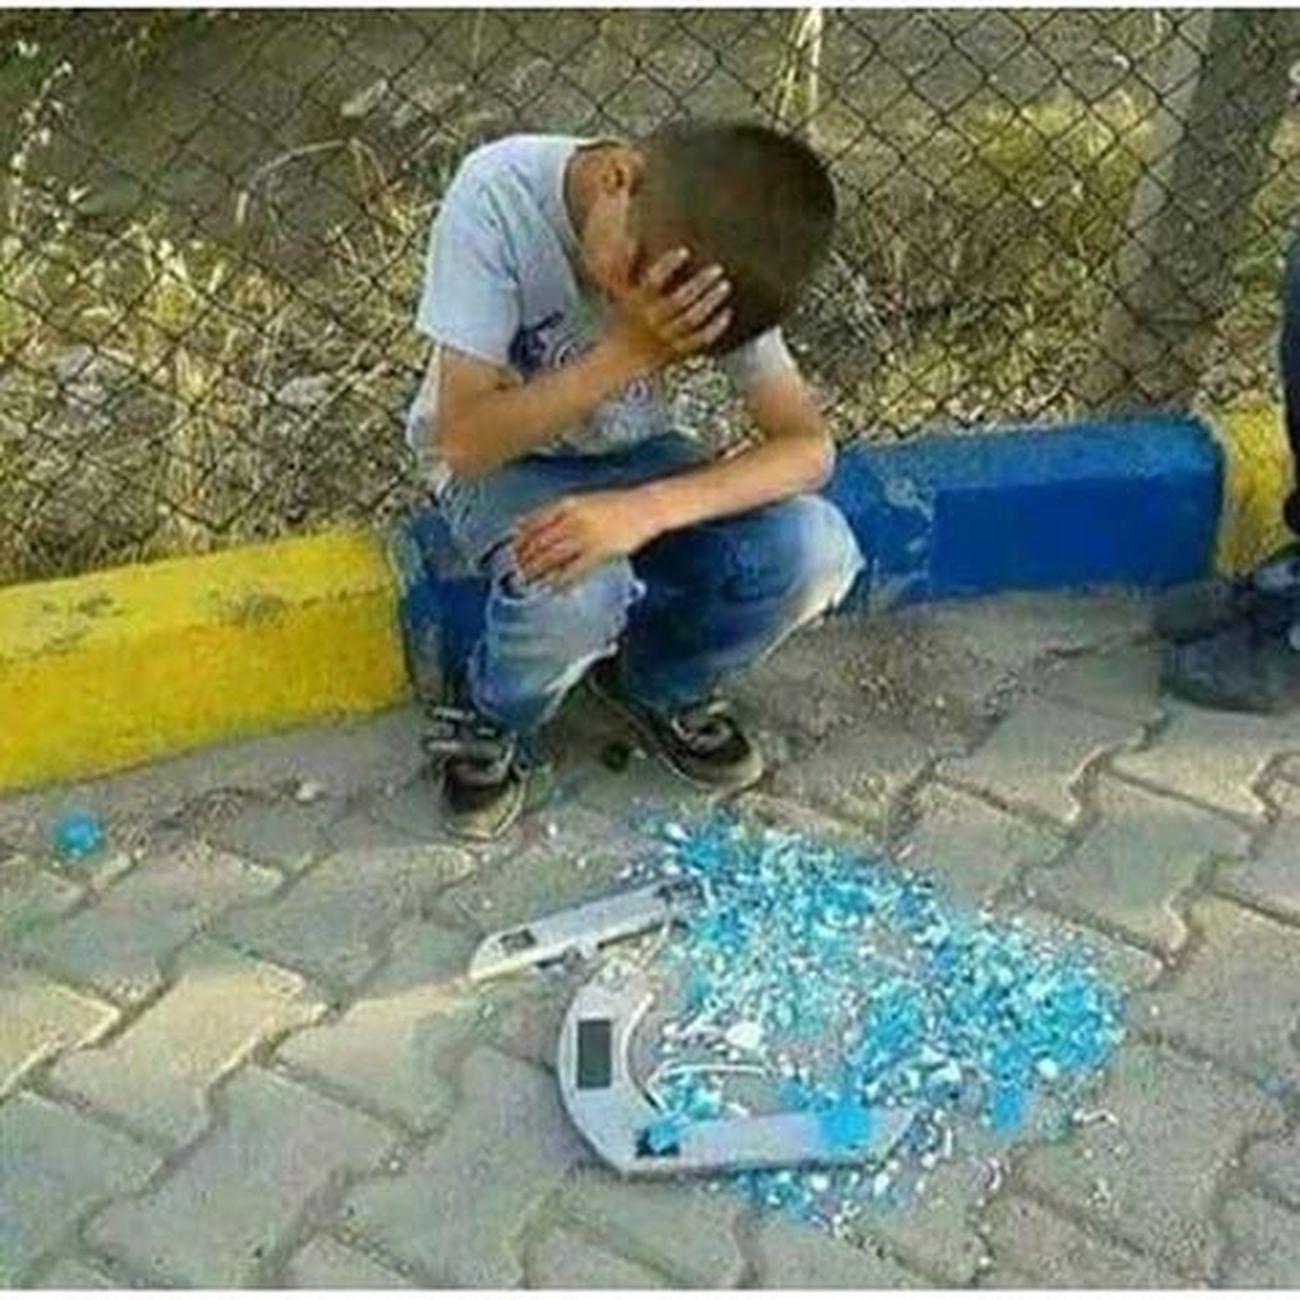 نەگری چونکی گریا تە عەرشێ دل ڕەقی یا دەولەمەندا هەژاند، باش بزانە گریا هەژاران ژ پشت پەردان نابوریت و ئەو ترازیا لبەر سینگێ تە هاتیە شکاندن ژ دلێ دایکەکا جەرگ سووتی یا دروستکری ئەڤجا دلێ خوە ئارام بکە